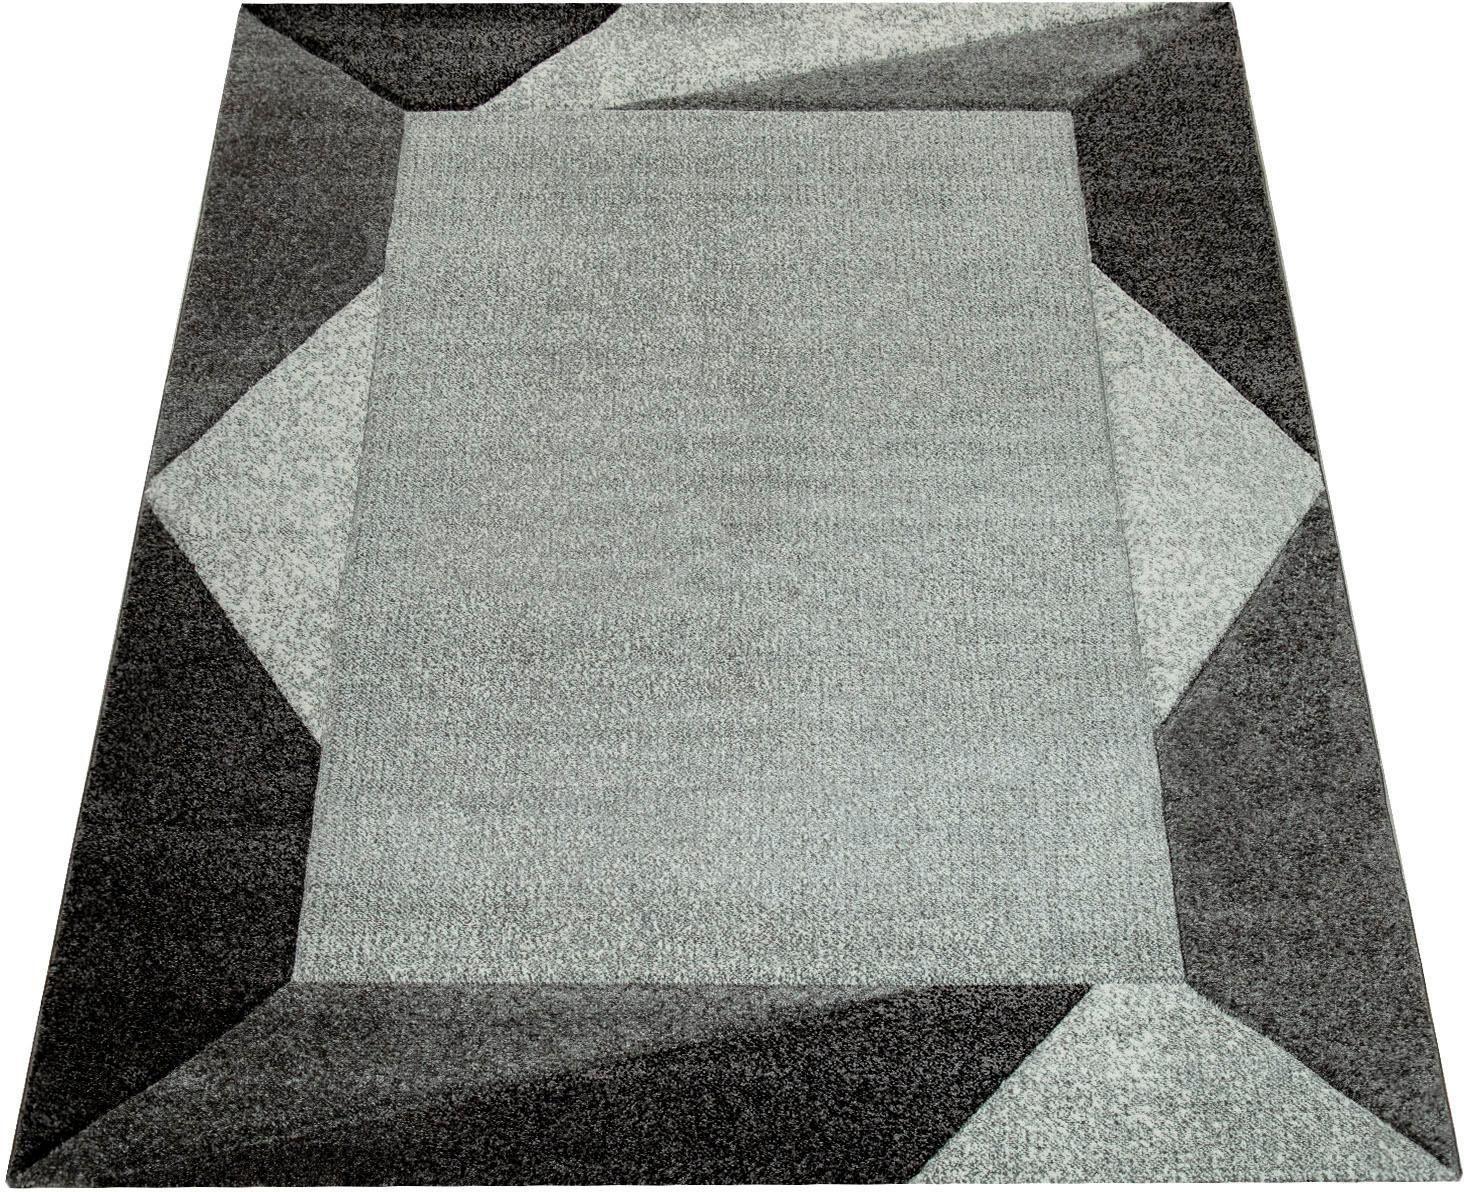 adidas Originals Oregon Ultra WeißGrauRot, Grau grau